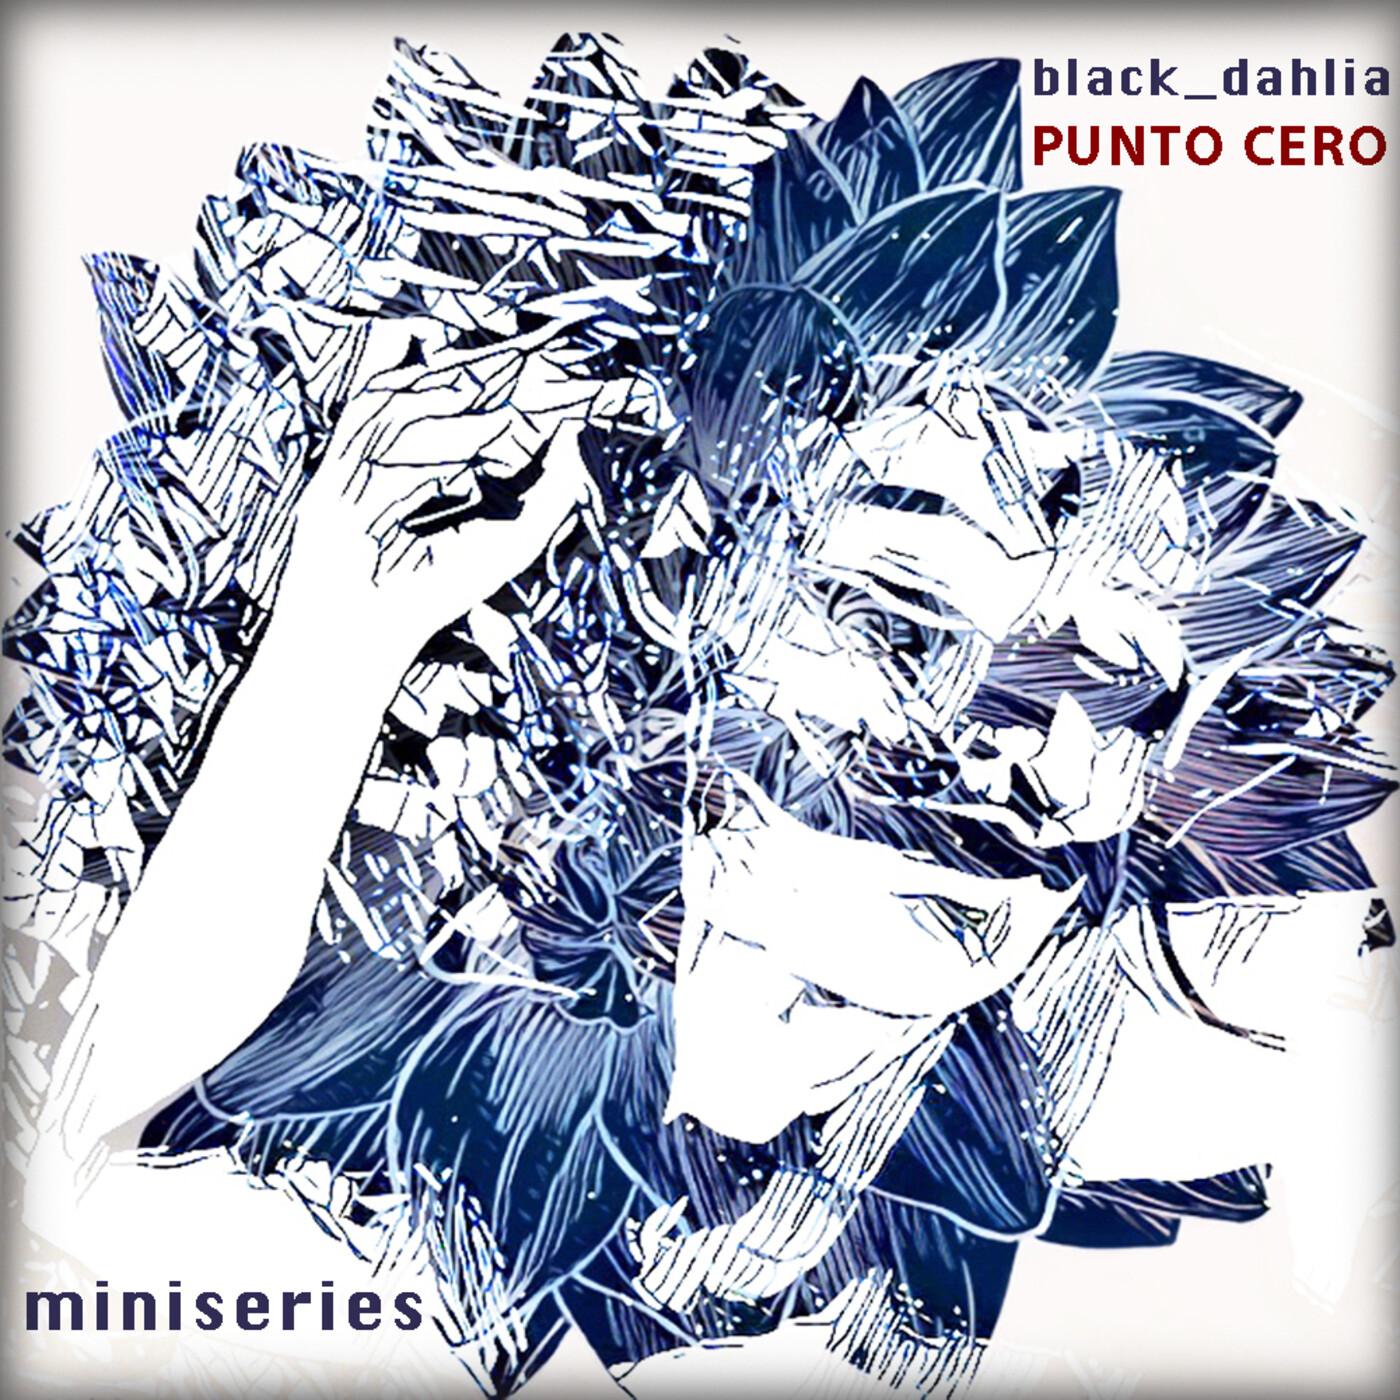 Miniseries Black Dahlia Punto Cero7 : Un Libro, una Rosa y una Carta de Suicidio. (La Dalia Negra)